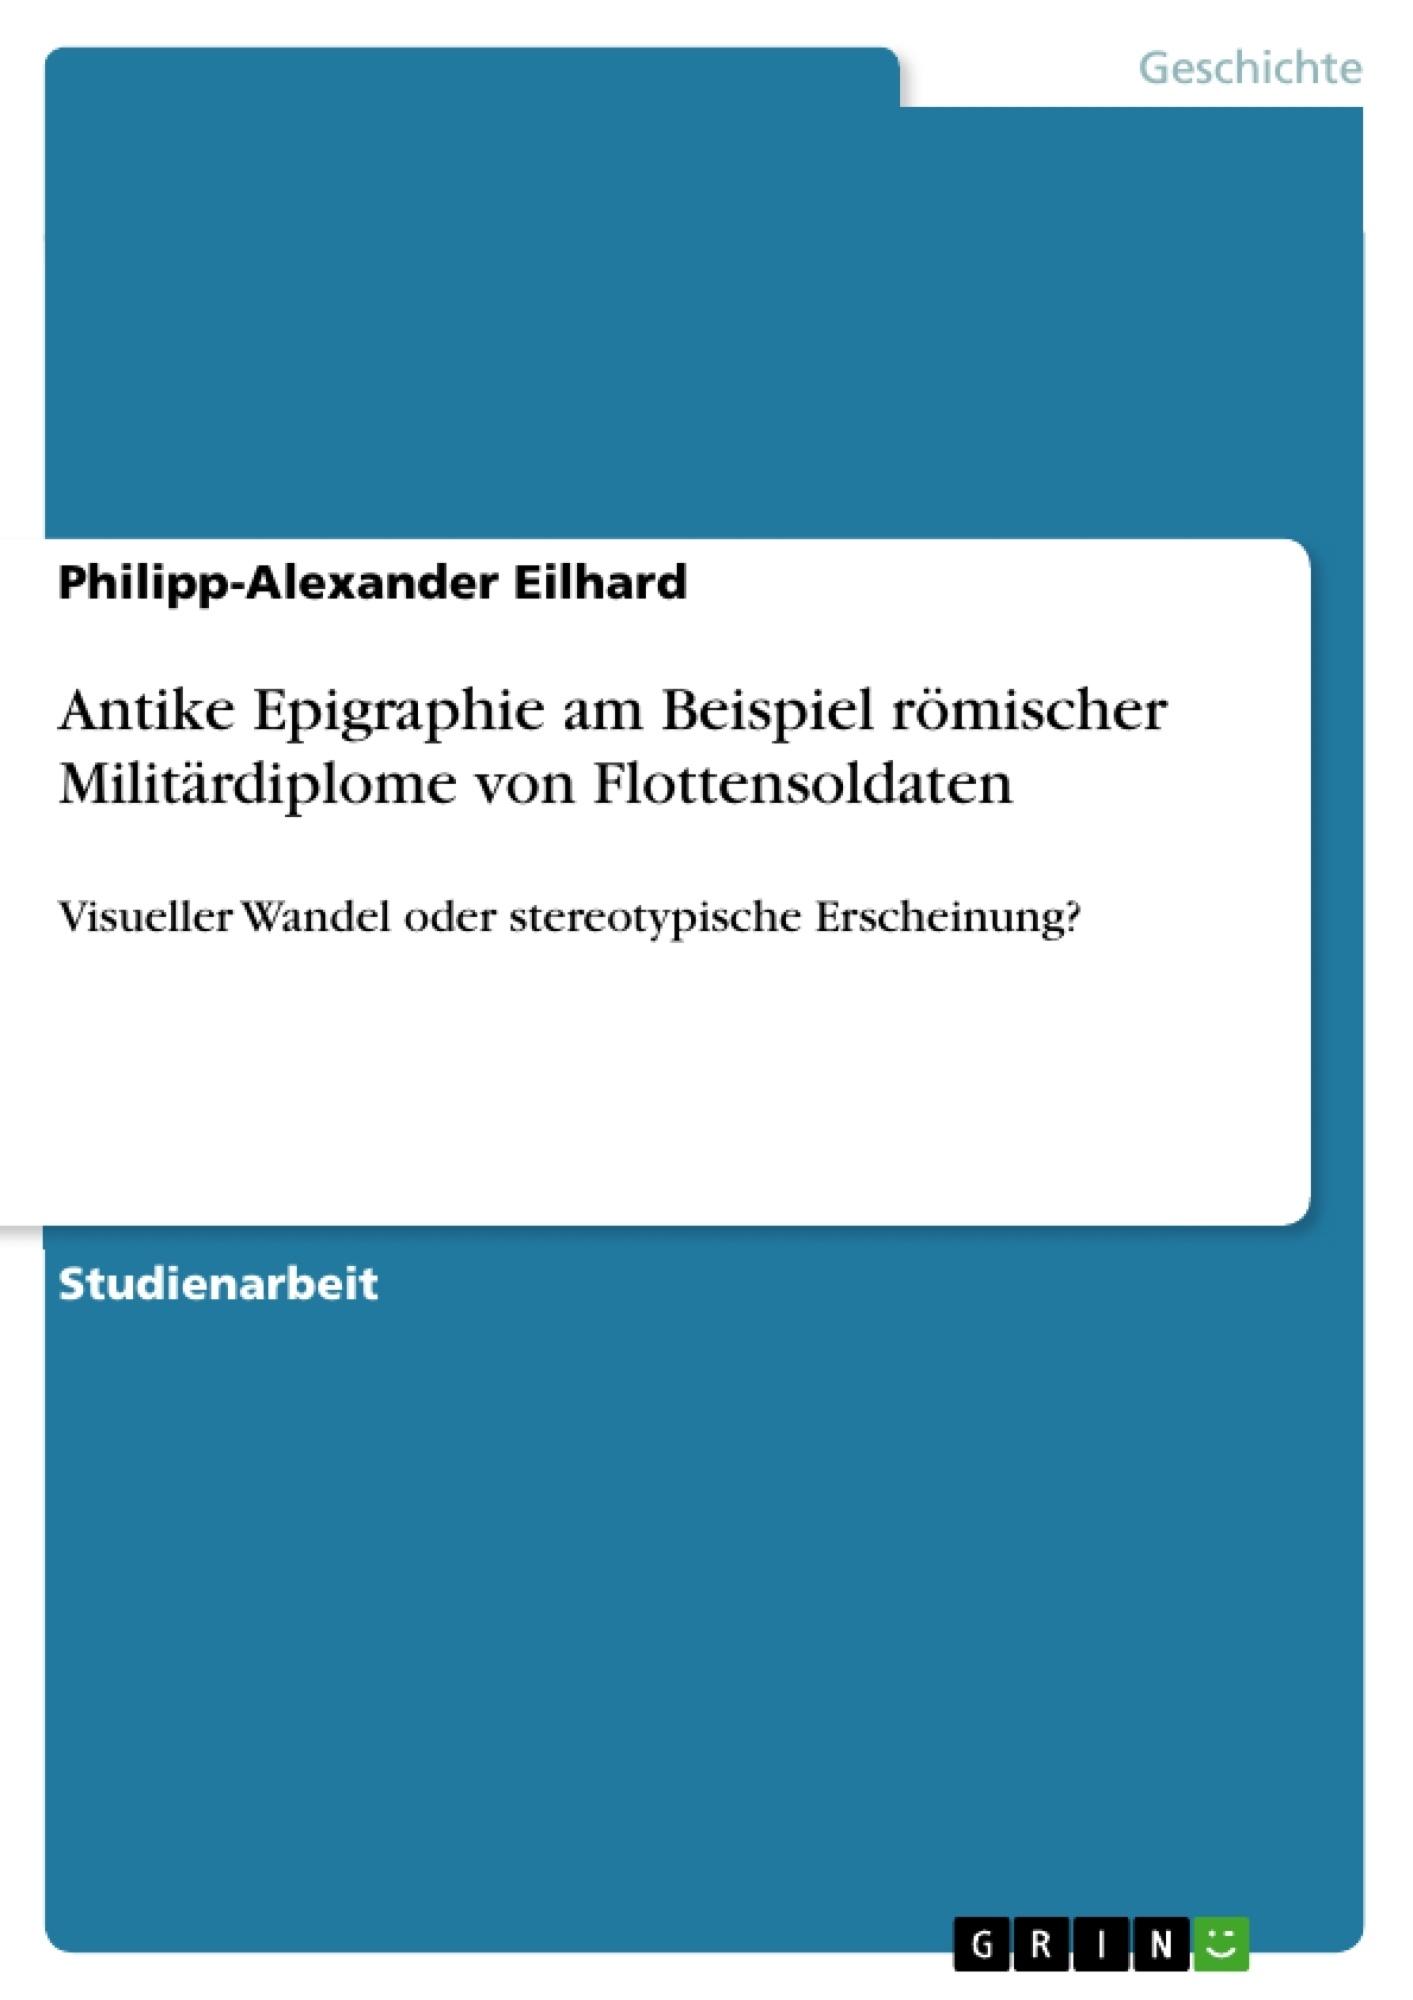 Titel: Antike Epigraphie am Beispiel römischer Militärdiplome von Flottensoldaten